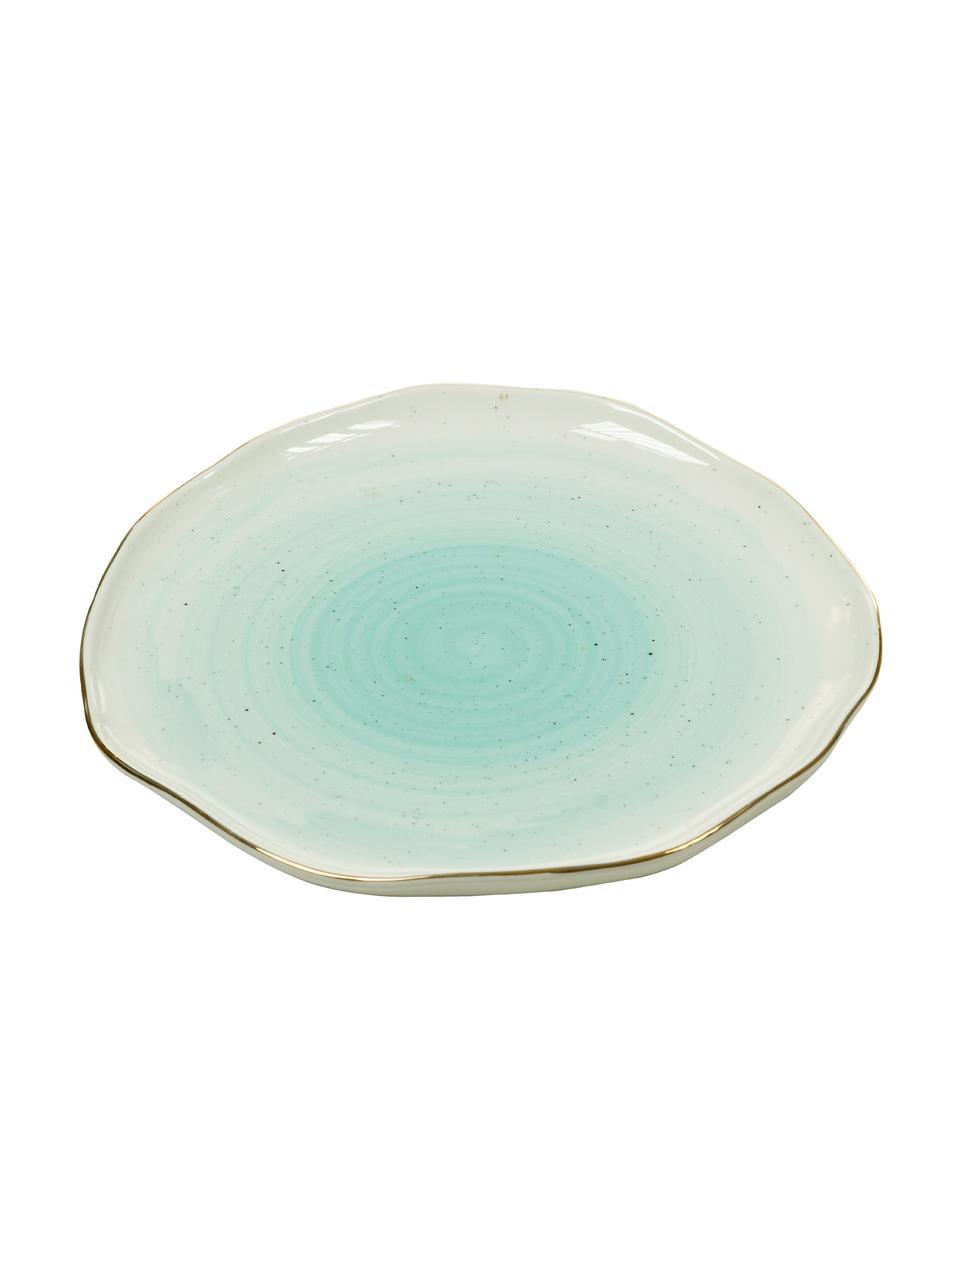 Ręcznie wykonany talerz śniadaniowy Bella, 2 szt., Porcelana, Turkusowoniebieski, Ø 19 x W 3 cm